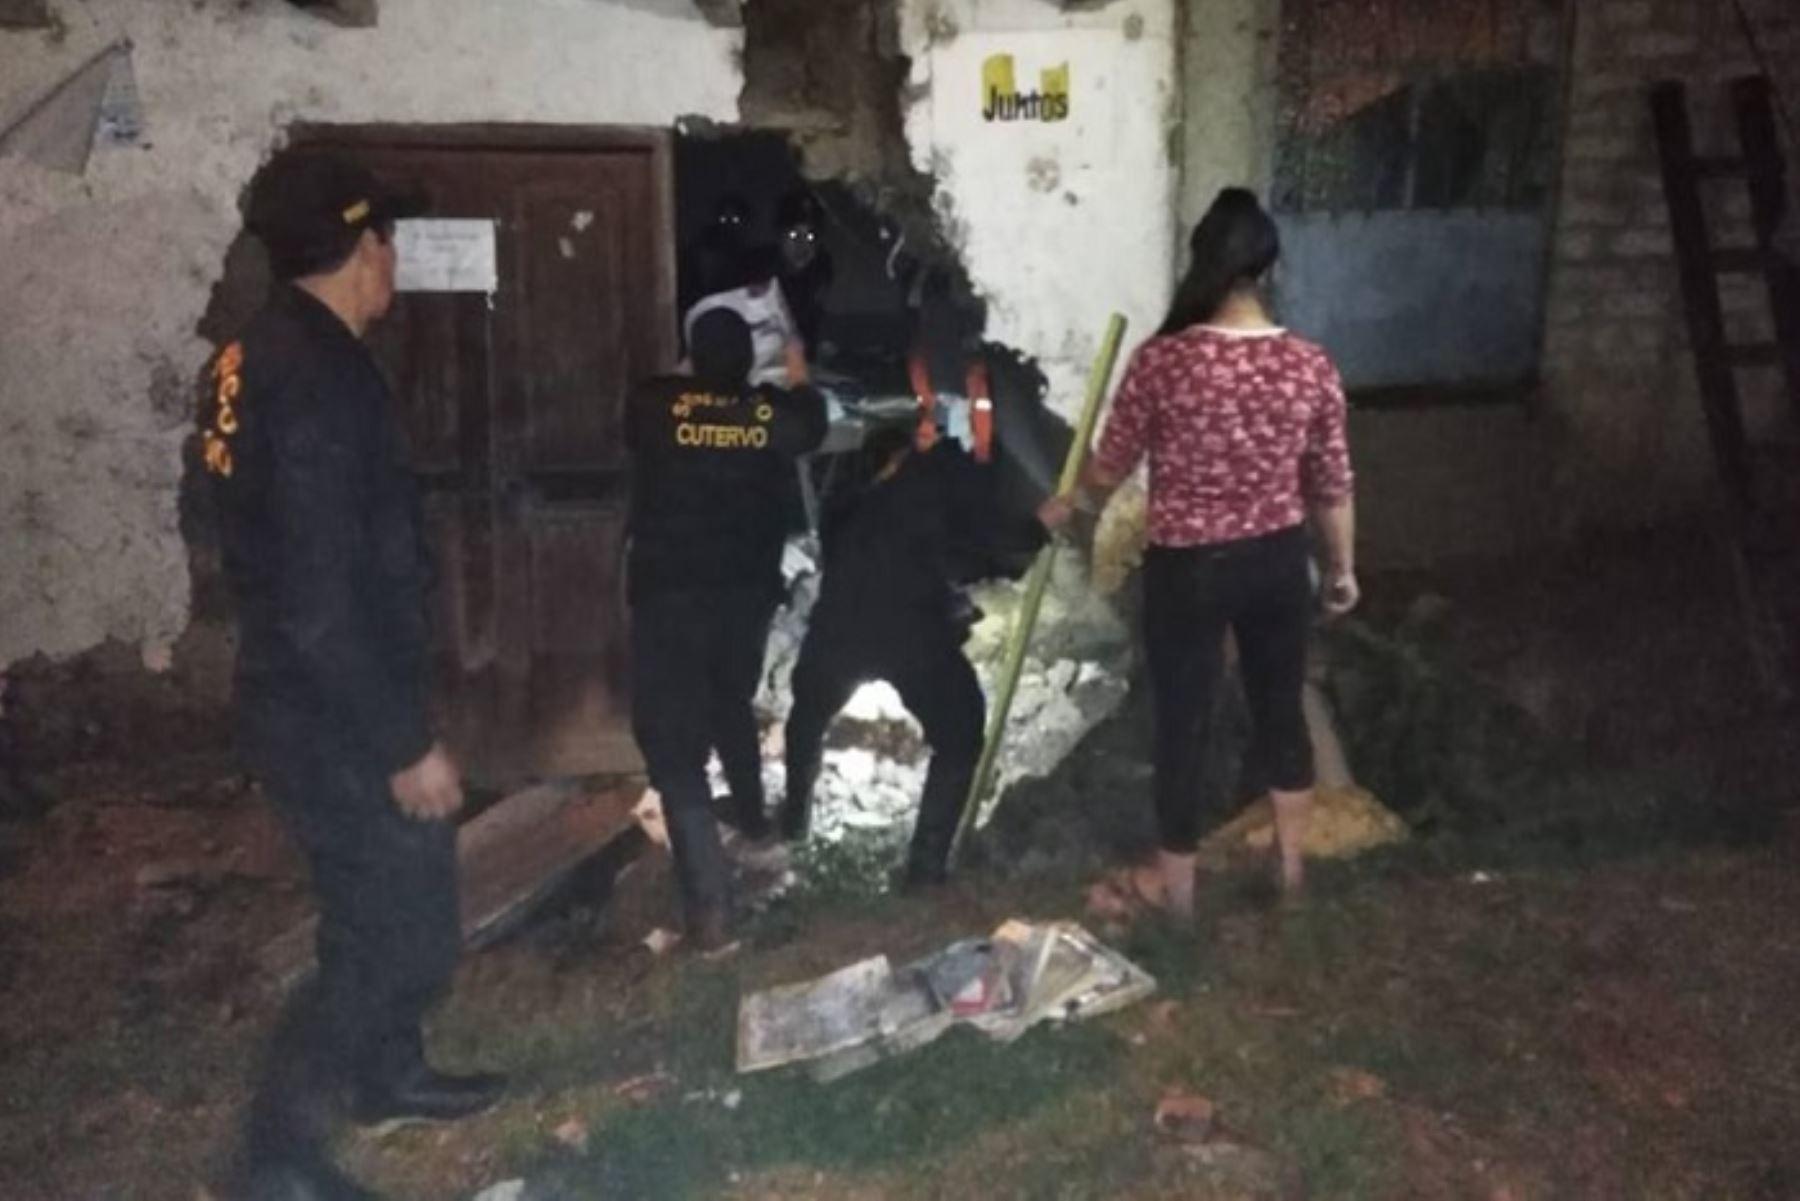 Debido a las intensas lluvias dos viviendas de adobe y calamina colapsaron y otra resultó con daños en el distrito y provincia de Cutervo, región Cajamarca, informó el Instituto Nacional de Defensa Civil (Indeci).